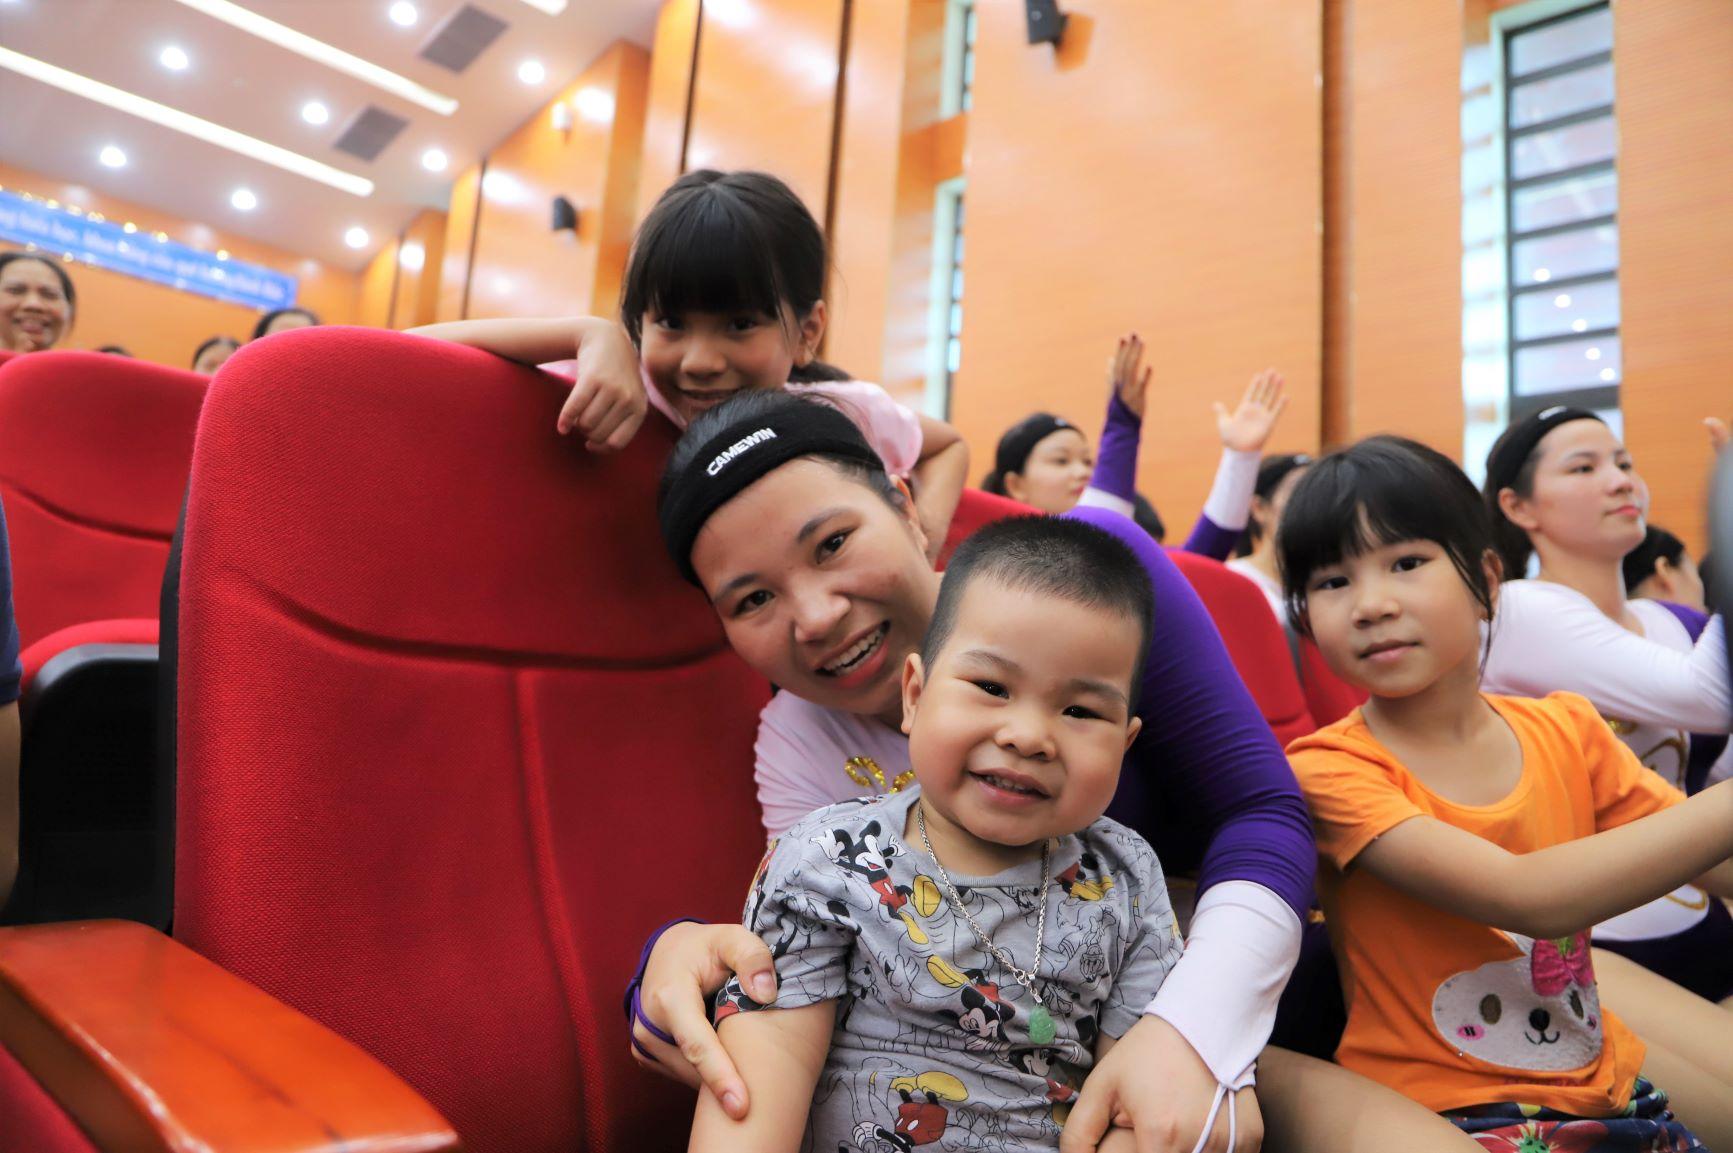 Một nữ vận động viên aerobic từ Quảng Nam xa xôi ra Hà Nội thi đấu và đồng hành cùng chị là hai con của mình. Các bé đi theo mẹ cổ vũ nhiệt tình với mong muốn mẹ đạt kết quả cao nhất